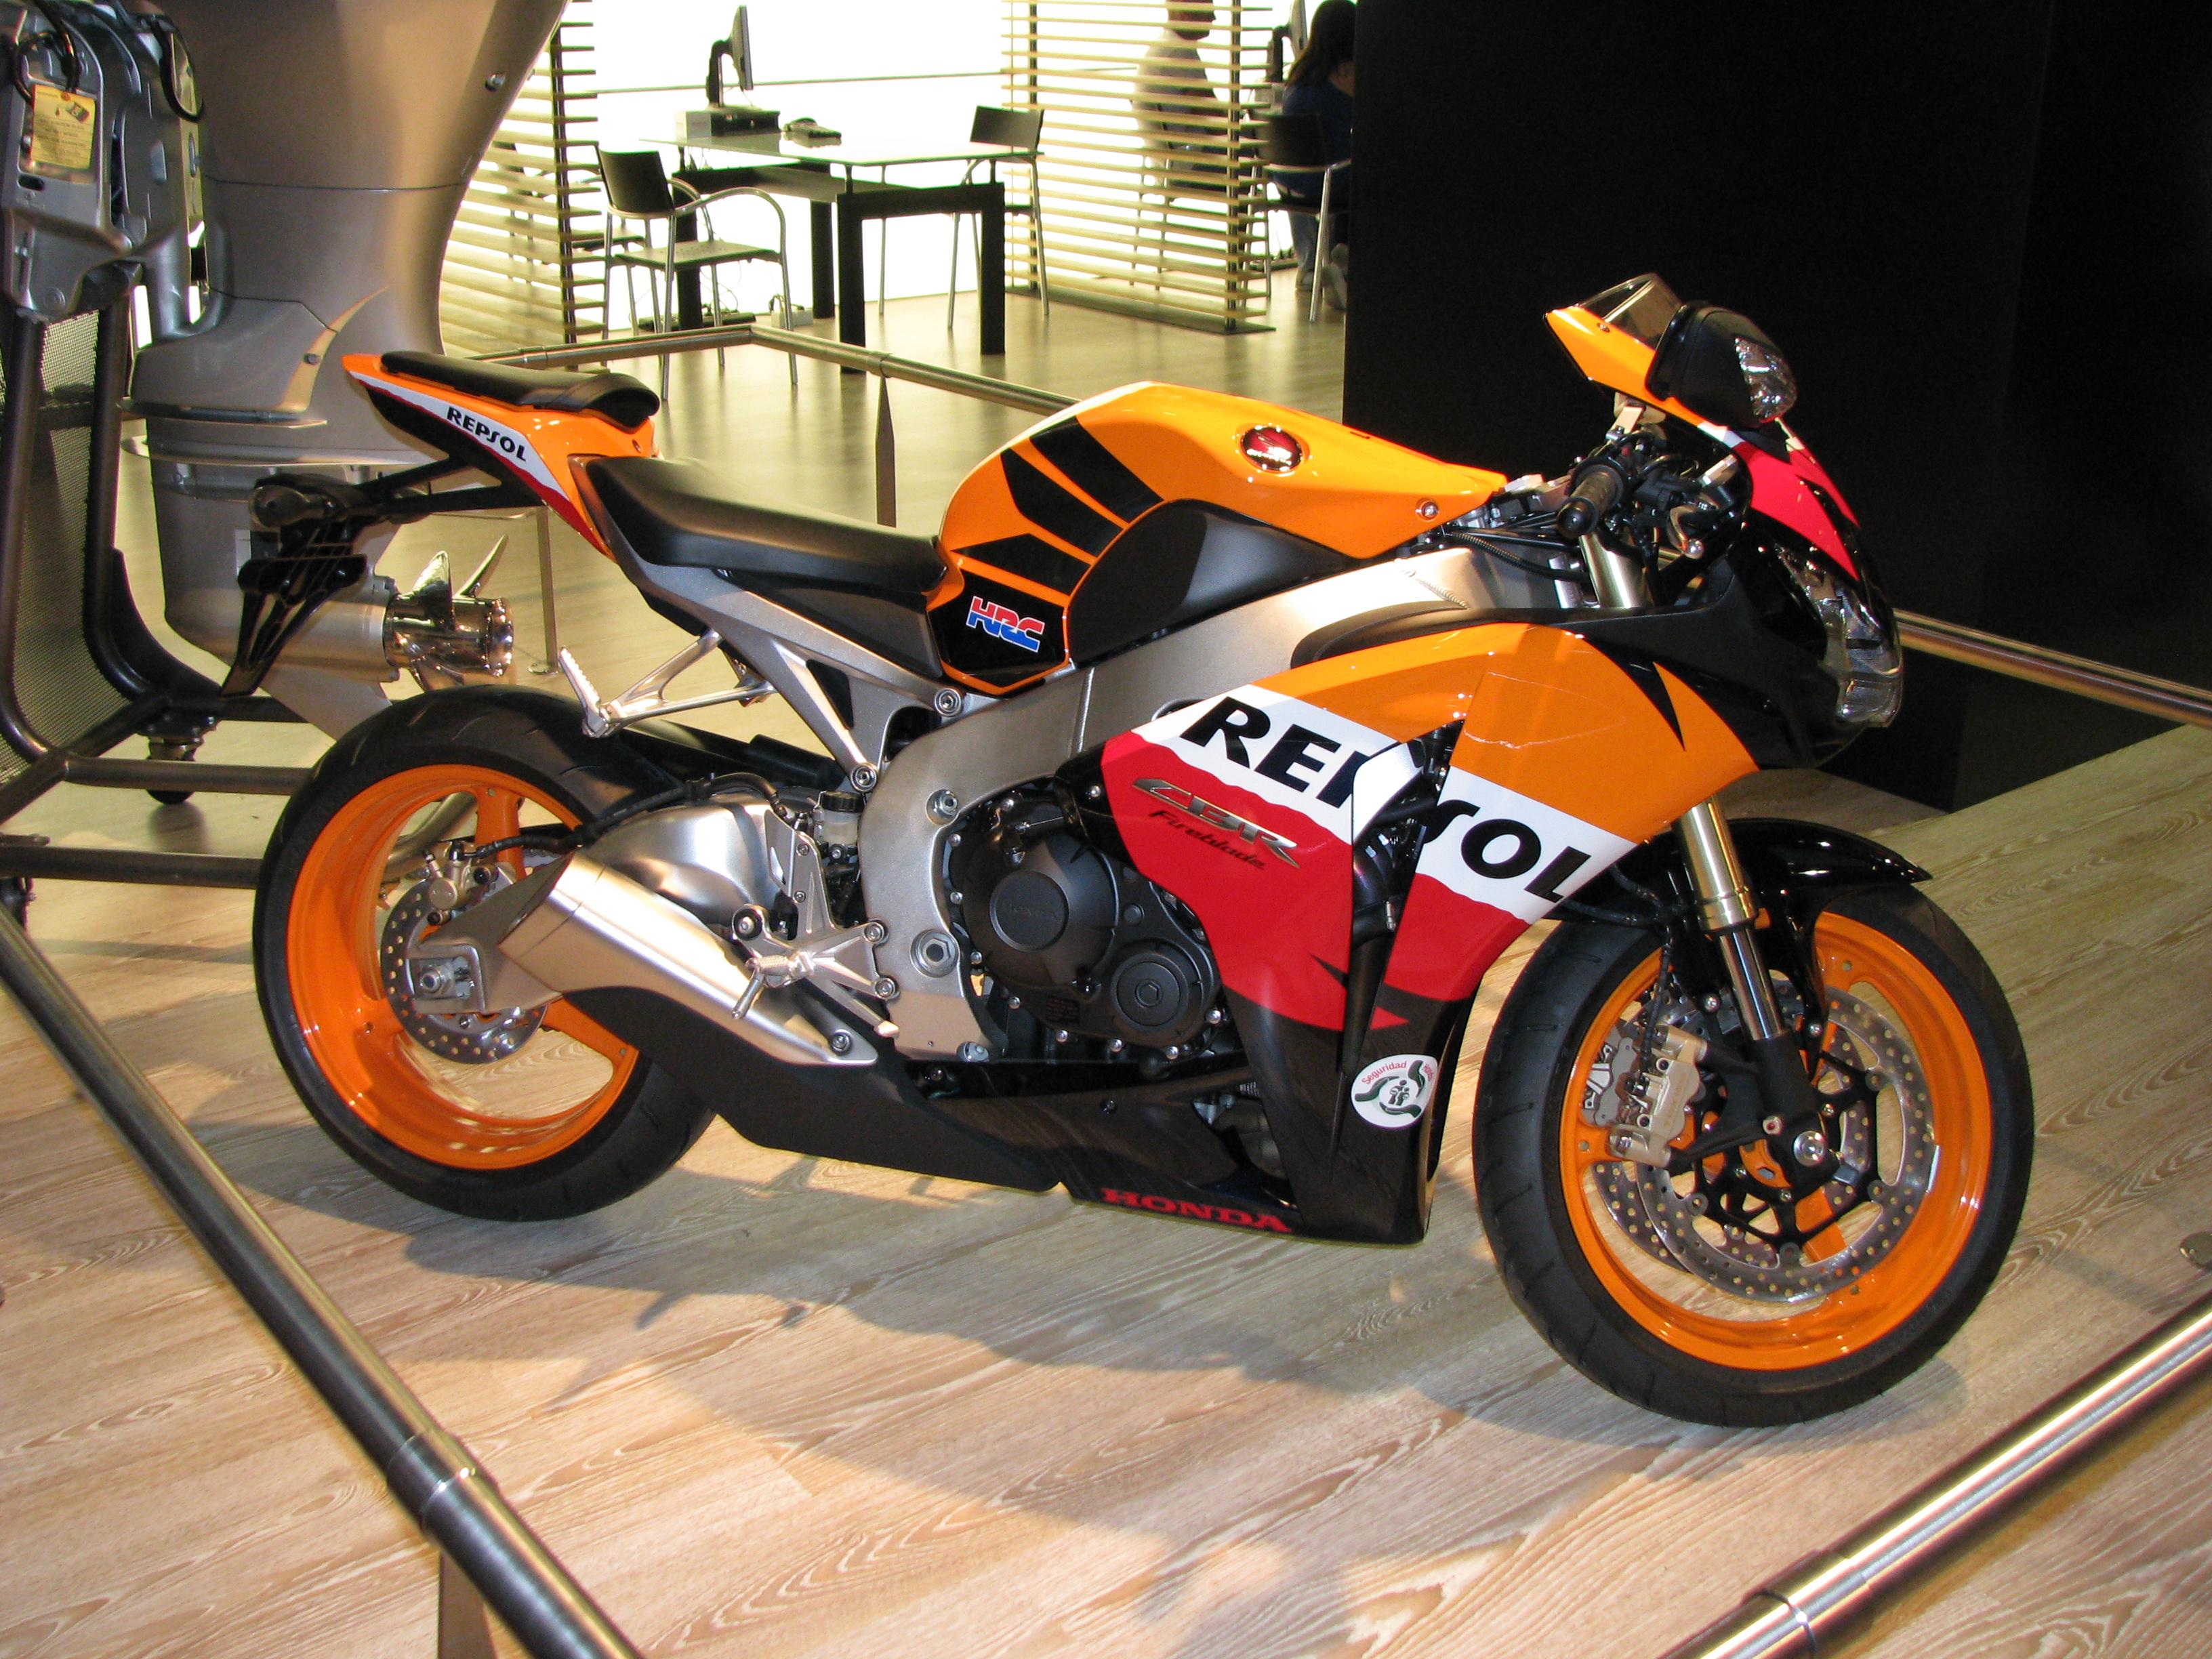 Honda_CBR_1000RR_Fireblade_Repsol_SE